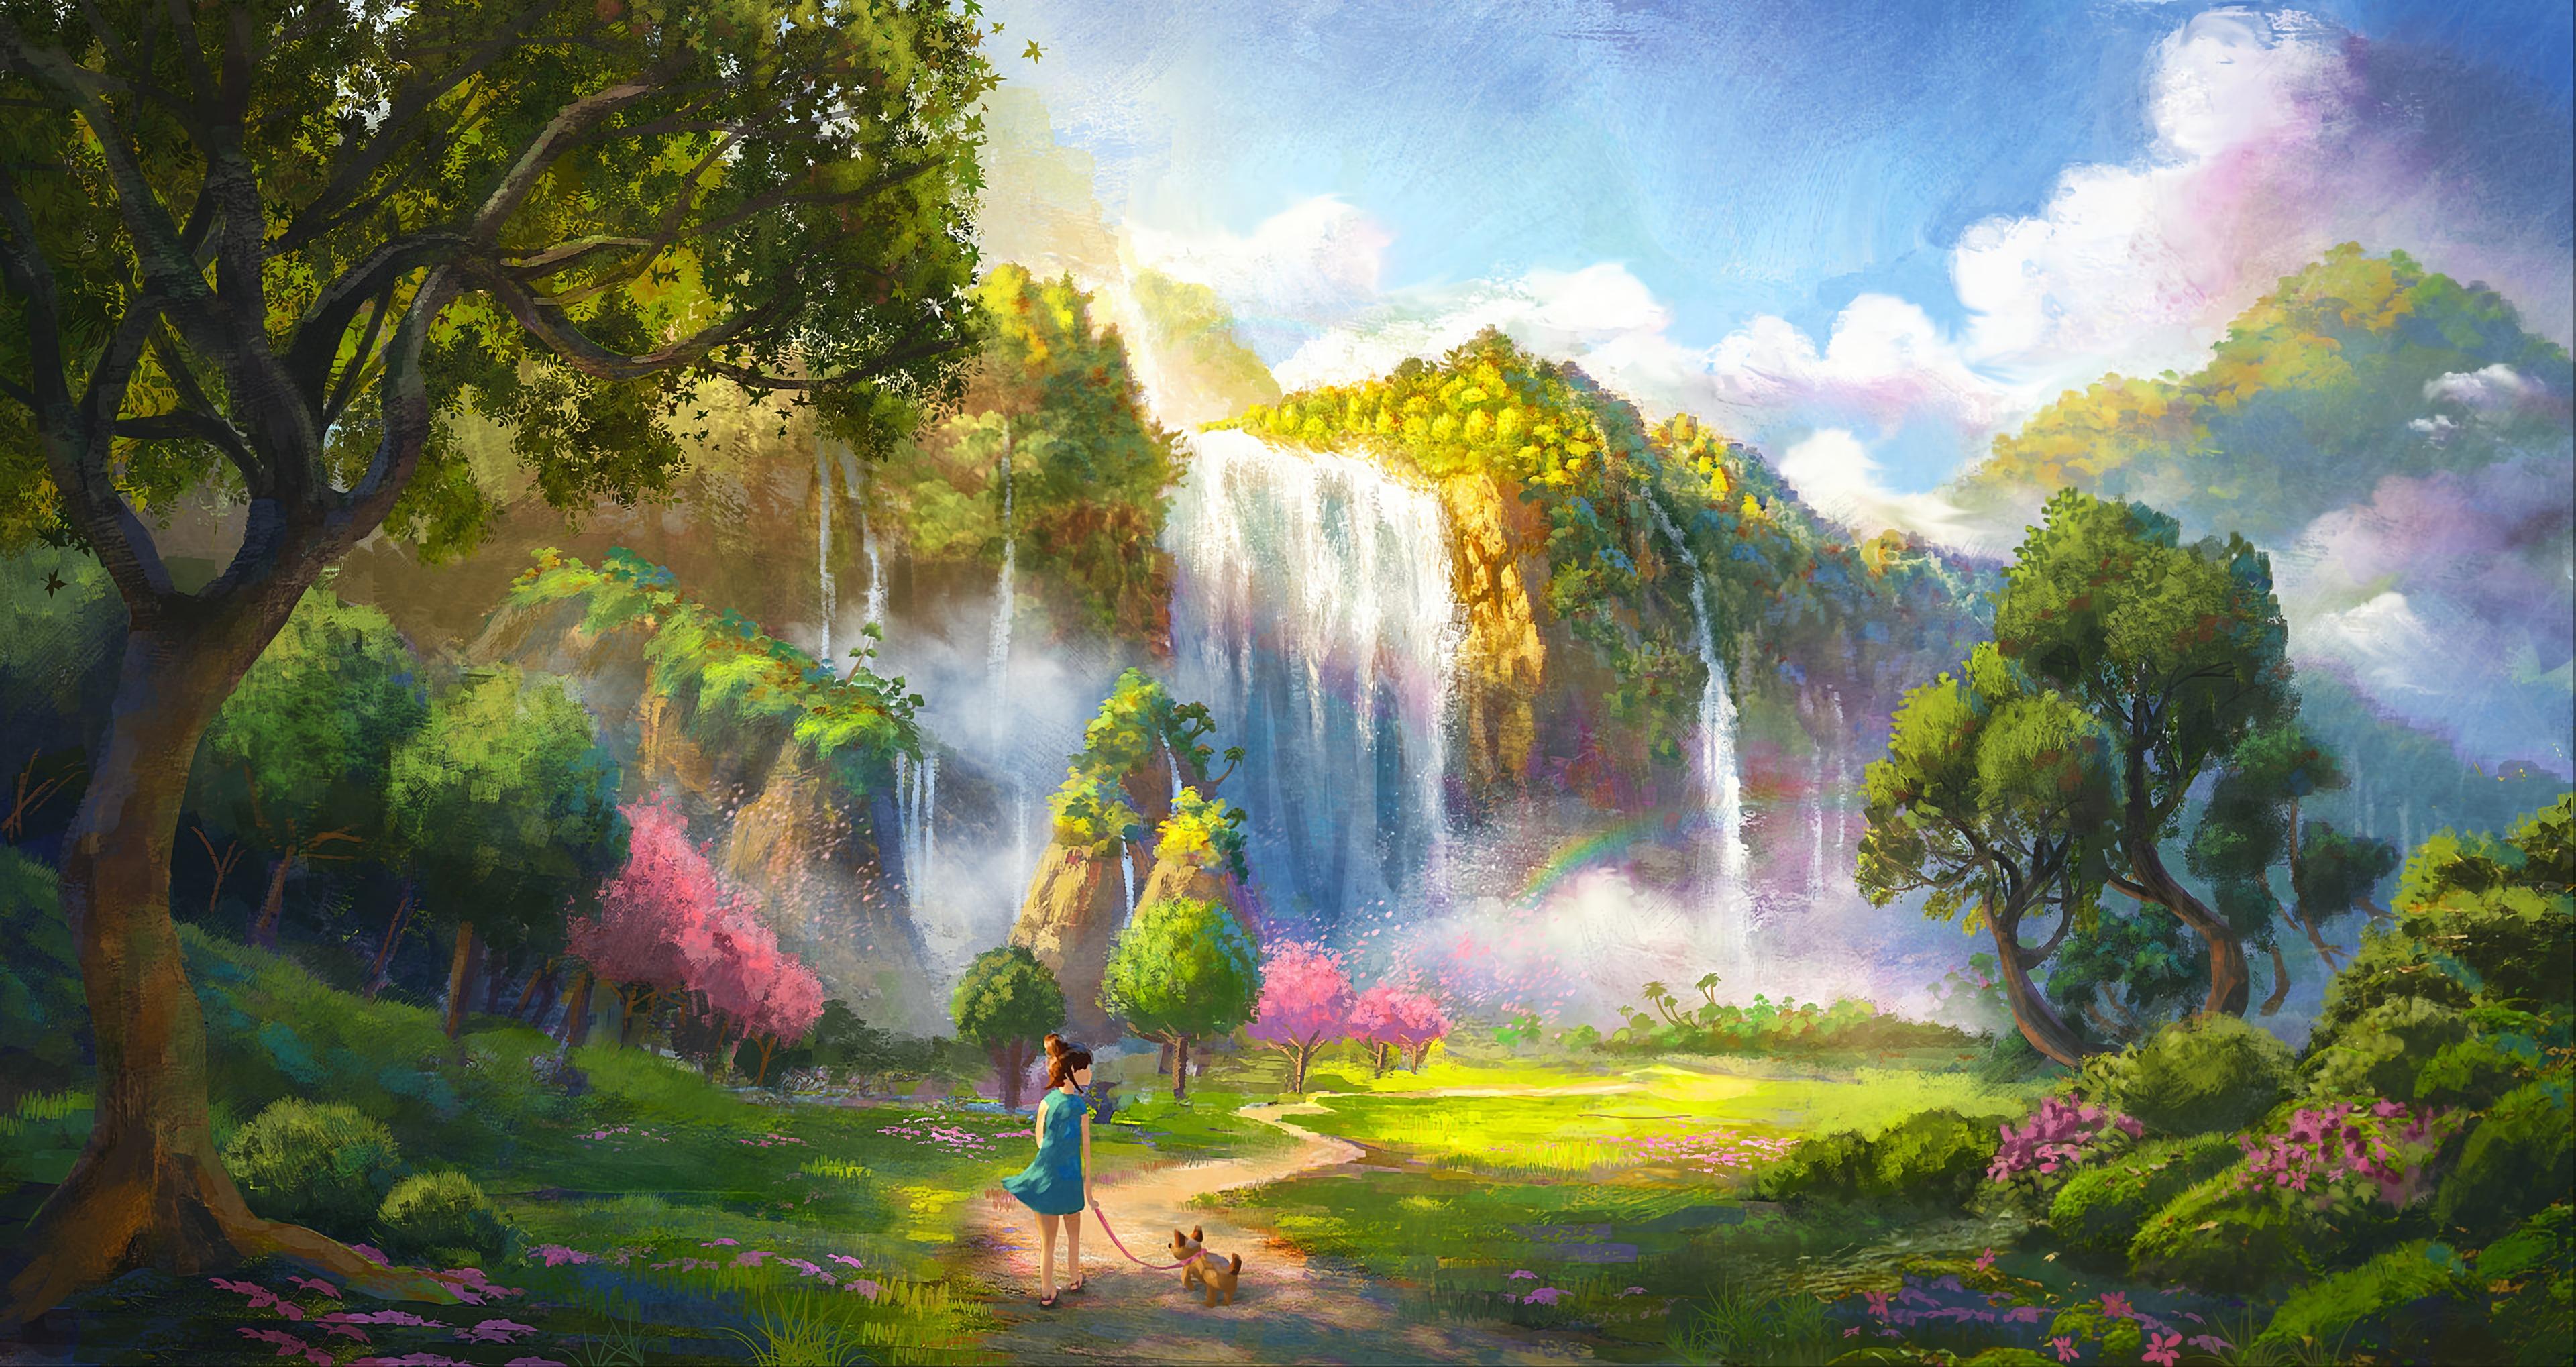 78786 Hintergrundbild herunterladen Mädchen, Hund, Landschaft, Kunst, Wasserfall - Bildschirmschoner und Bilder kostenlos